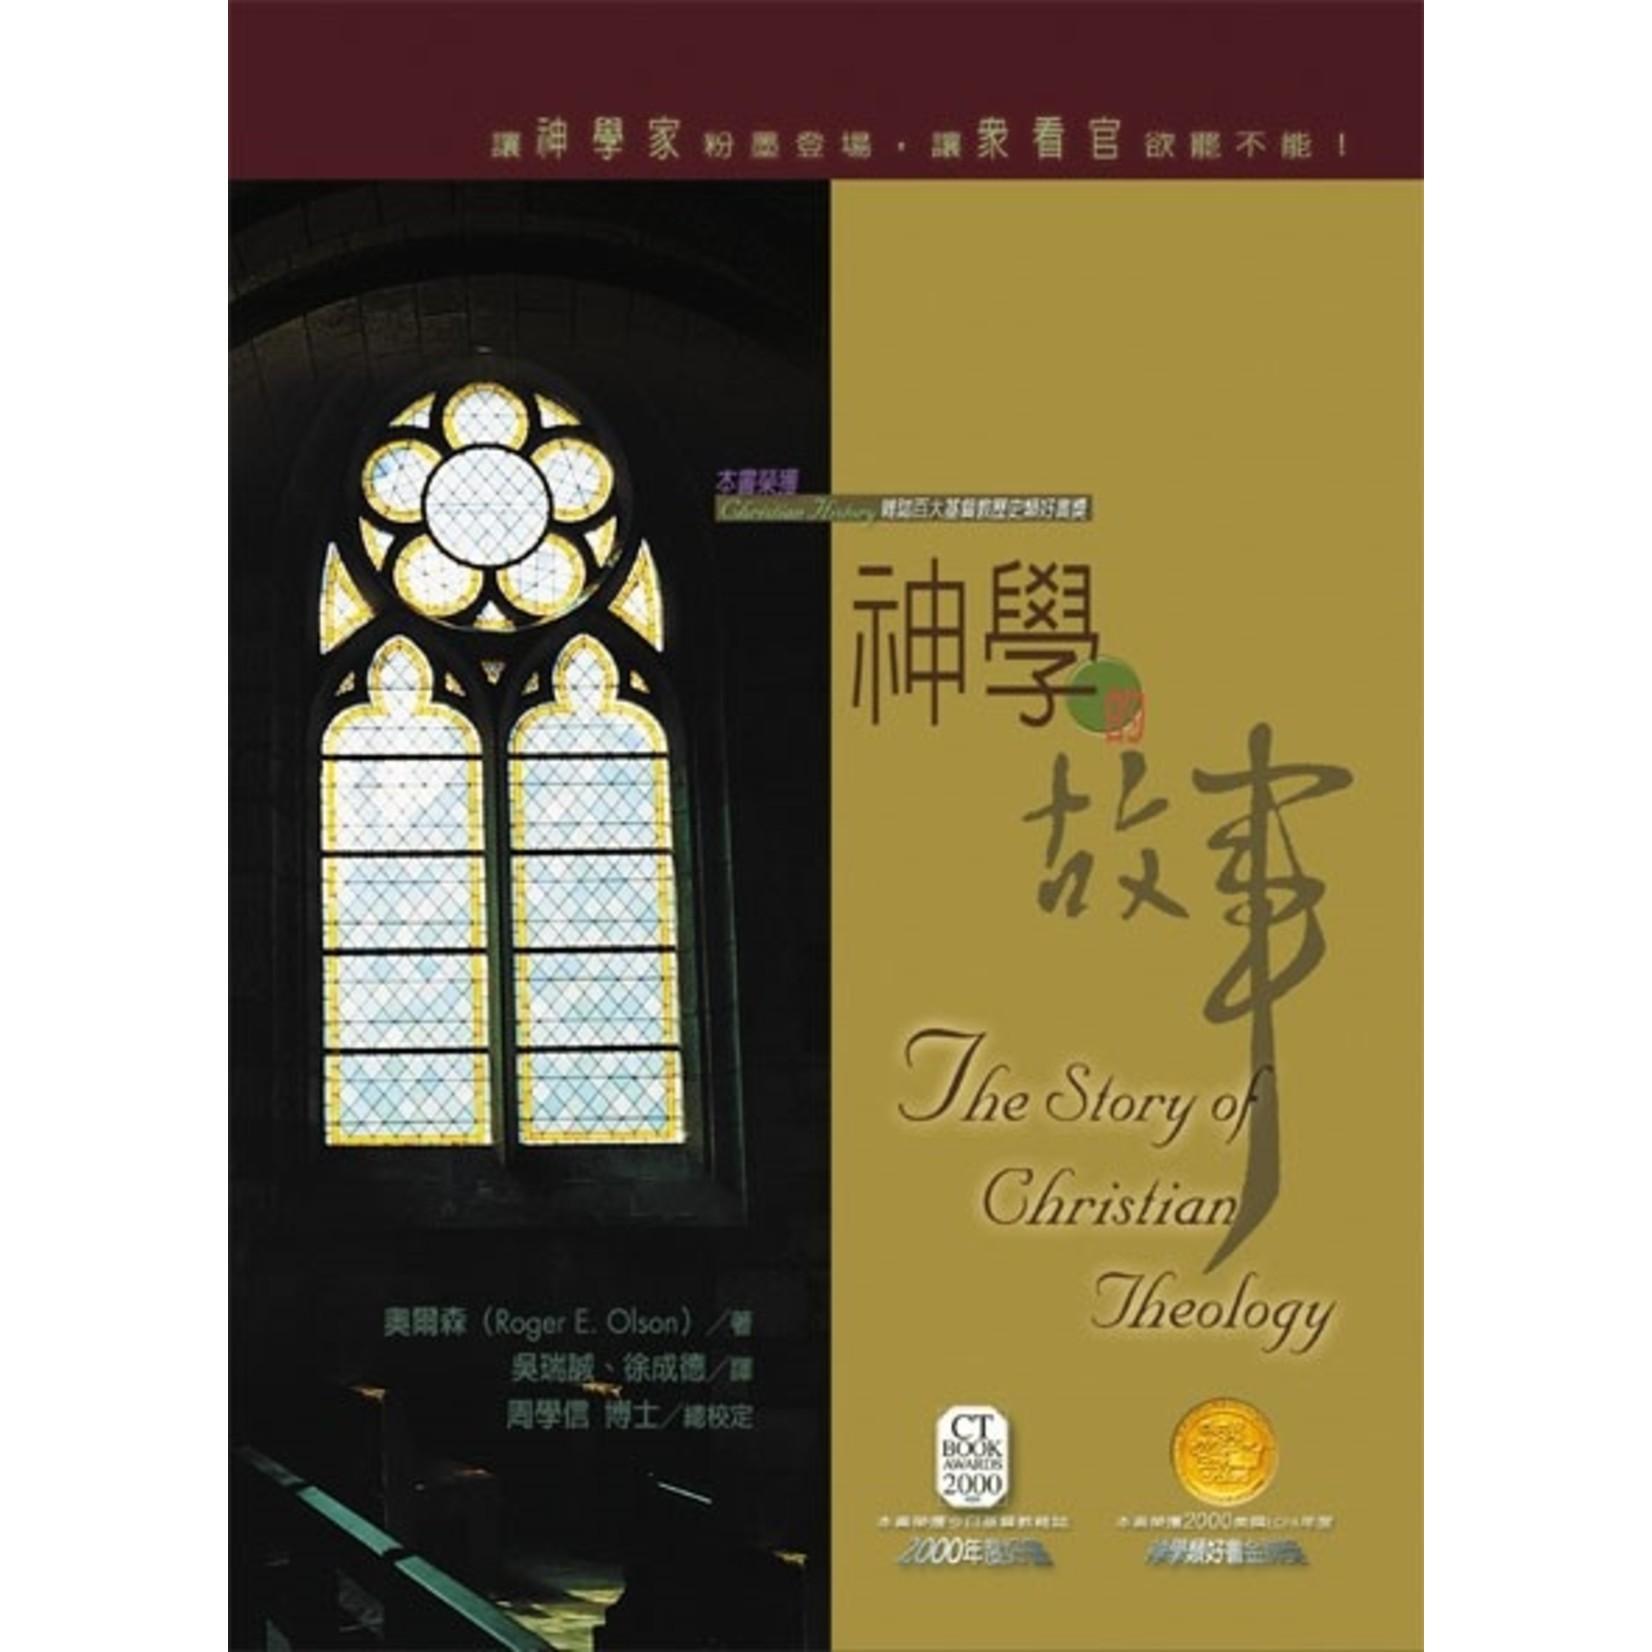 校園書房 Campus Books 神學的故事 The Story of Christian Theology